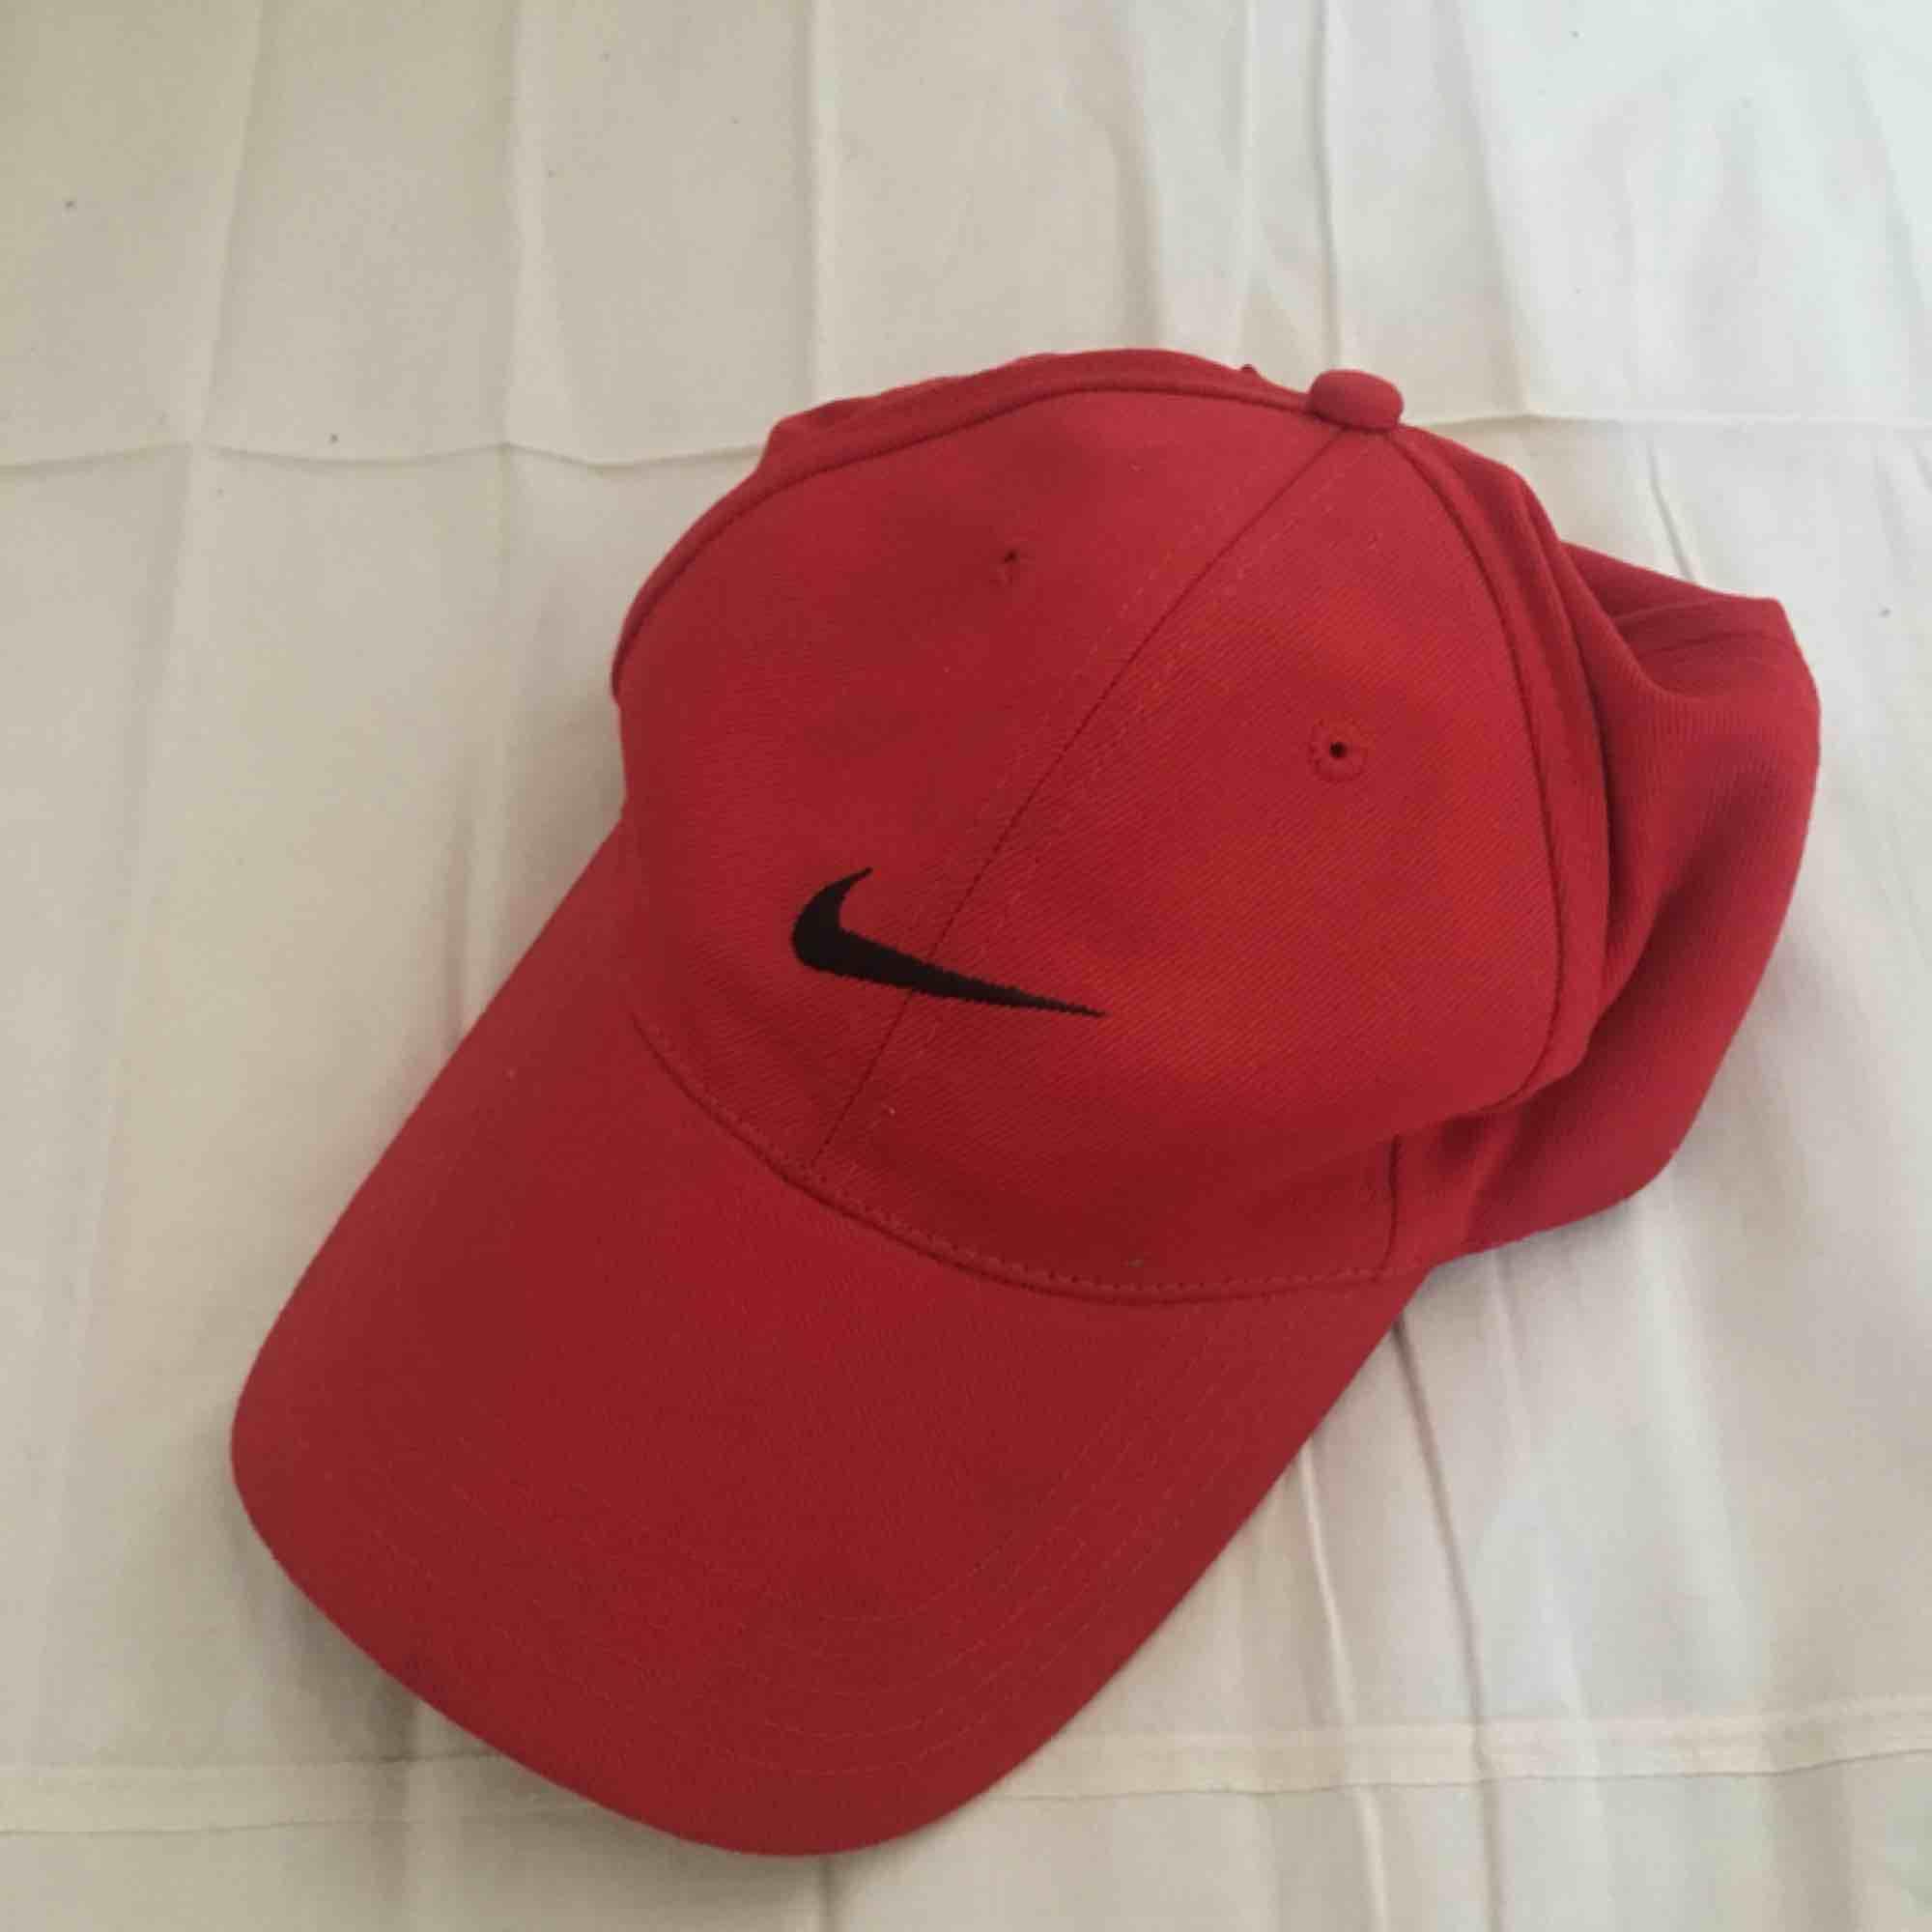 Röd 1990s Nikekeps. I fint, begagnat skick. Ett namn är överstruket på lappen (se bild). Porto på 18 kr tillkommer.😊. Accessoarer.